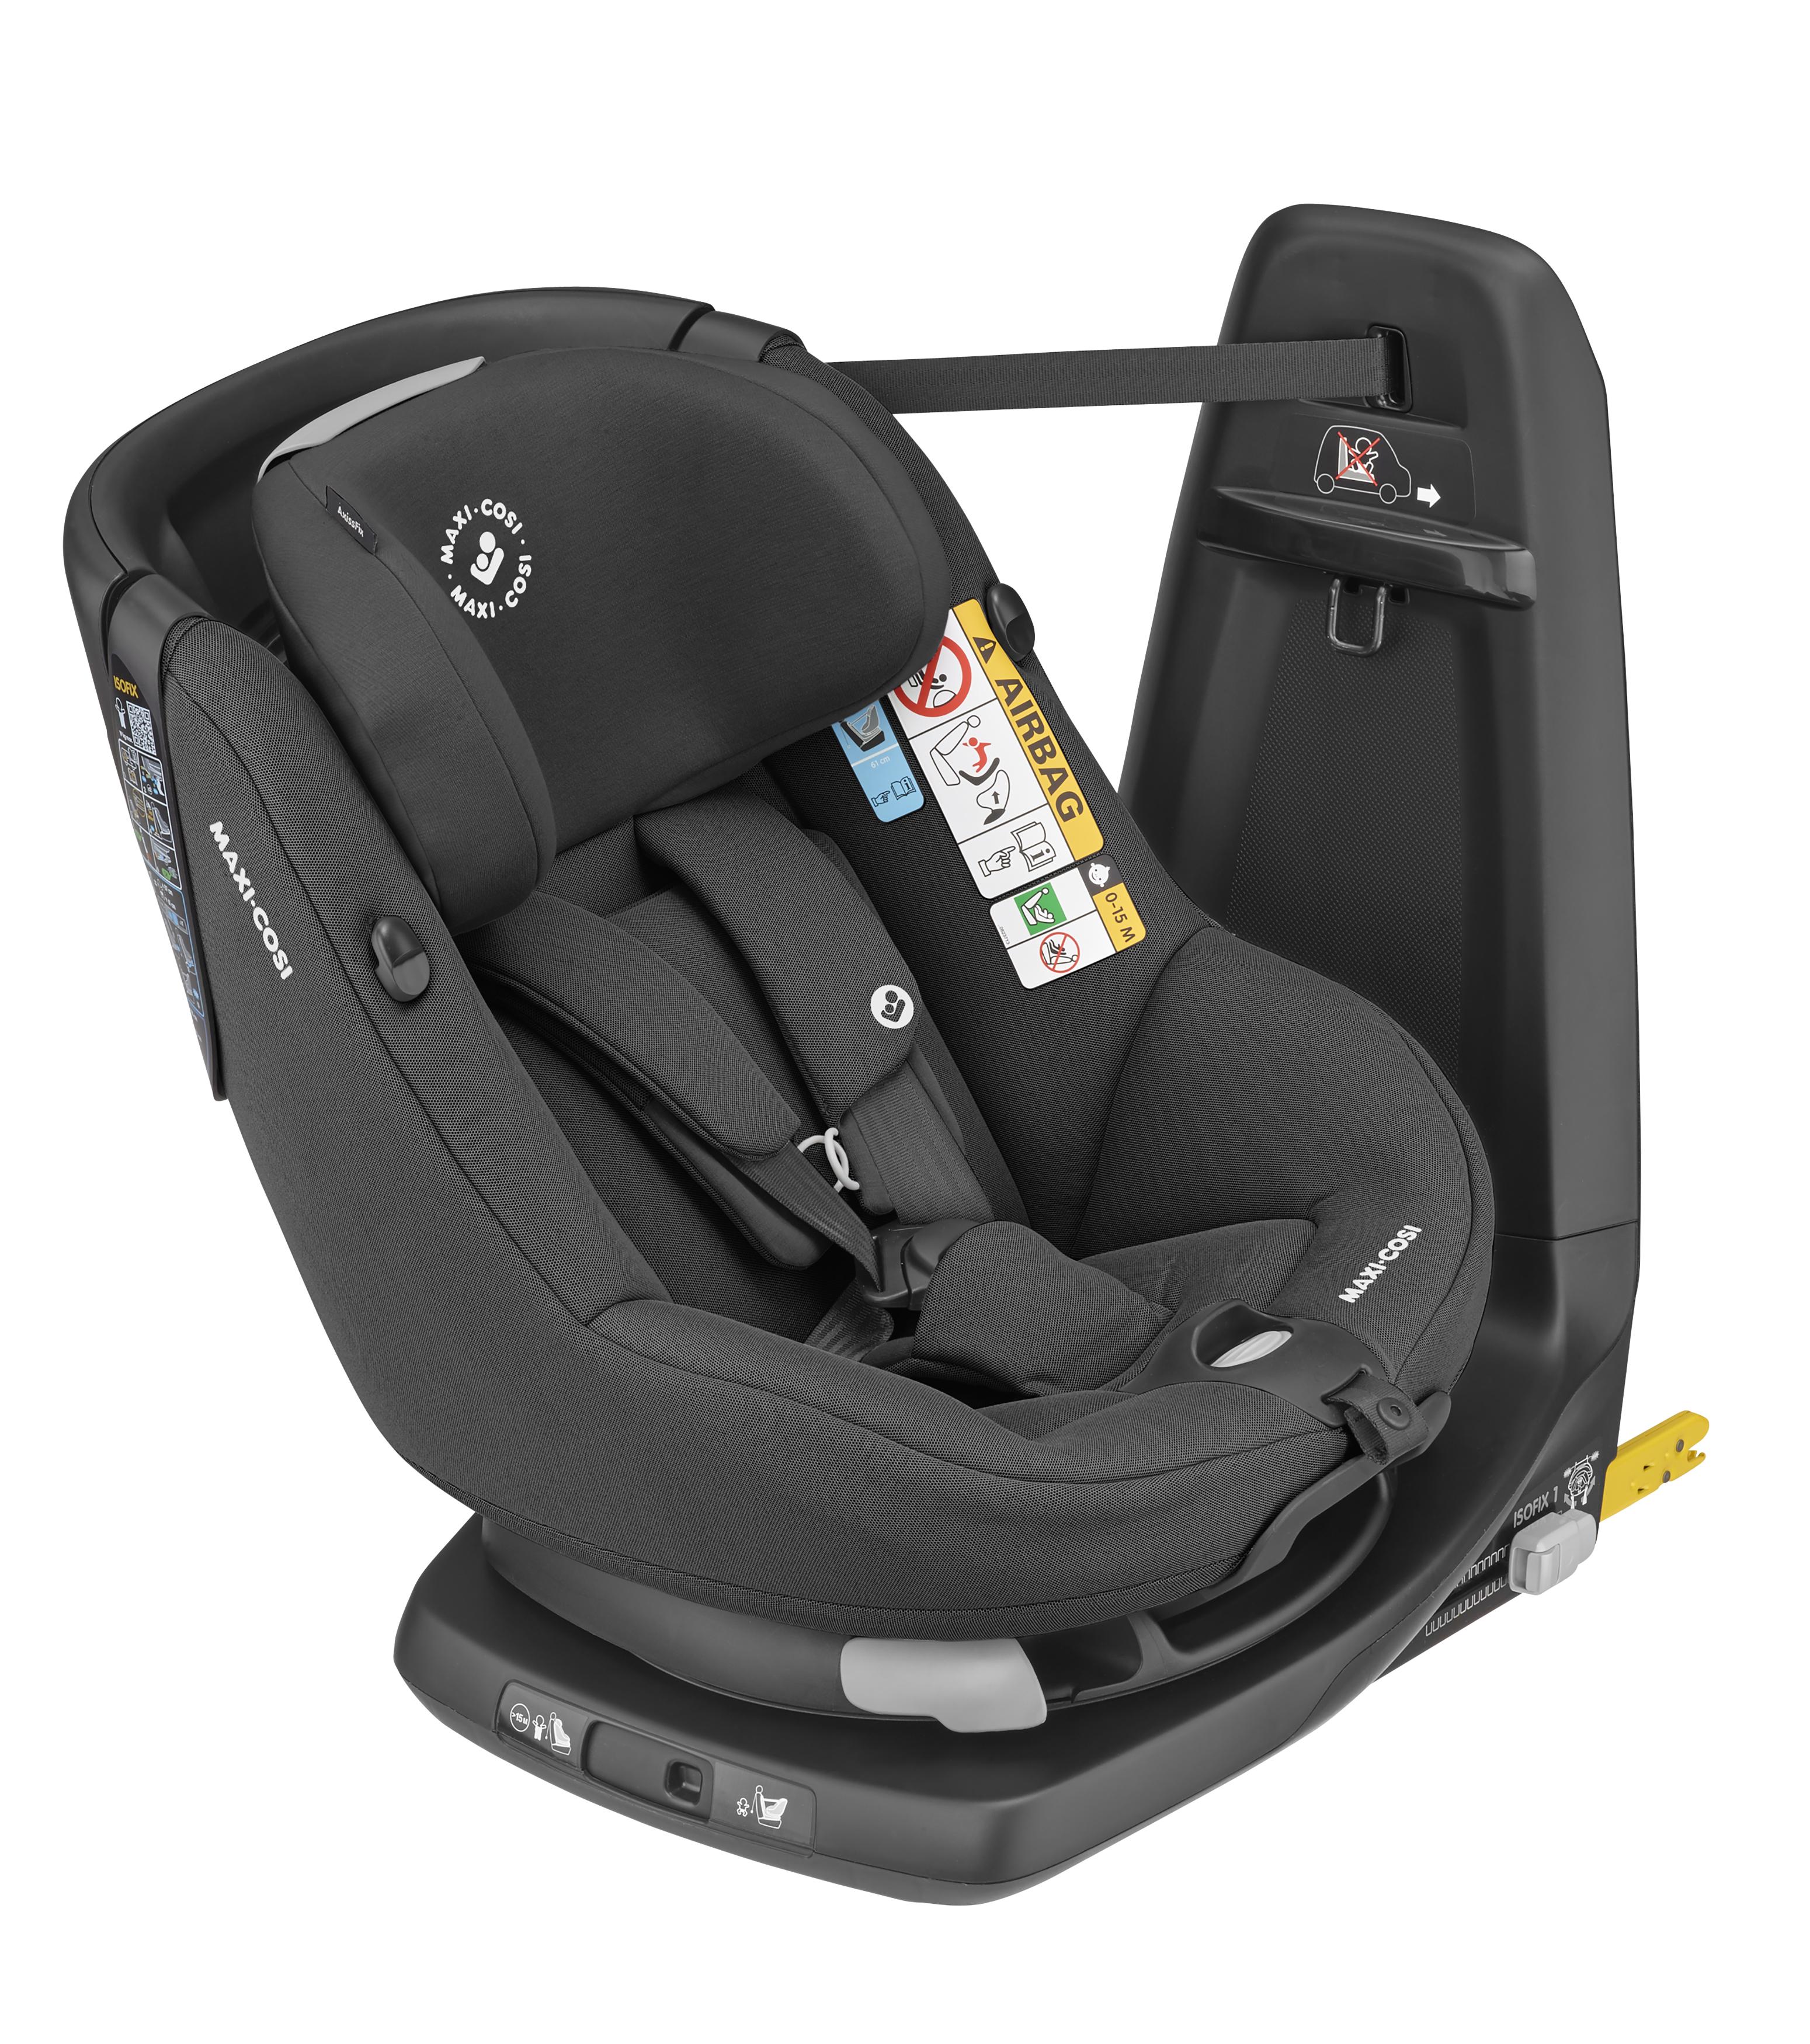 Maxi-Cosi - AxissFix Car seat (61-105 cm) - Authentic Black